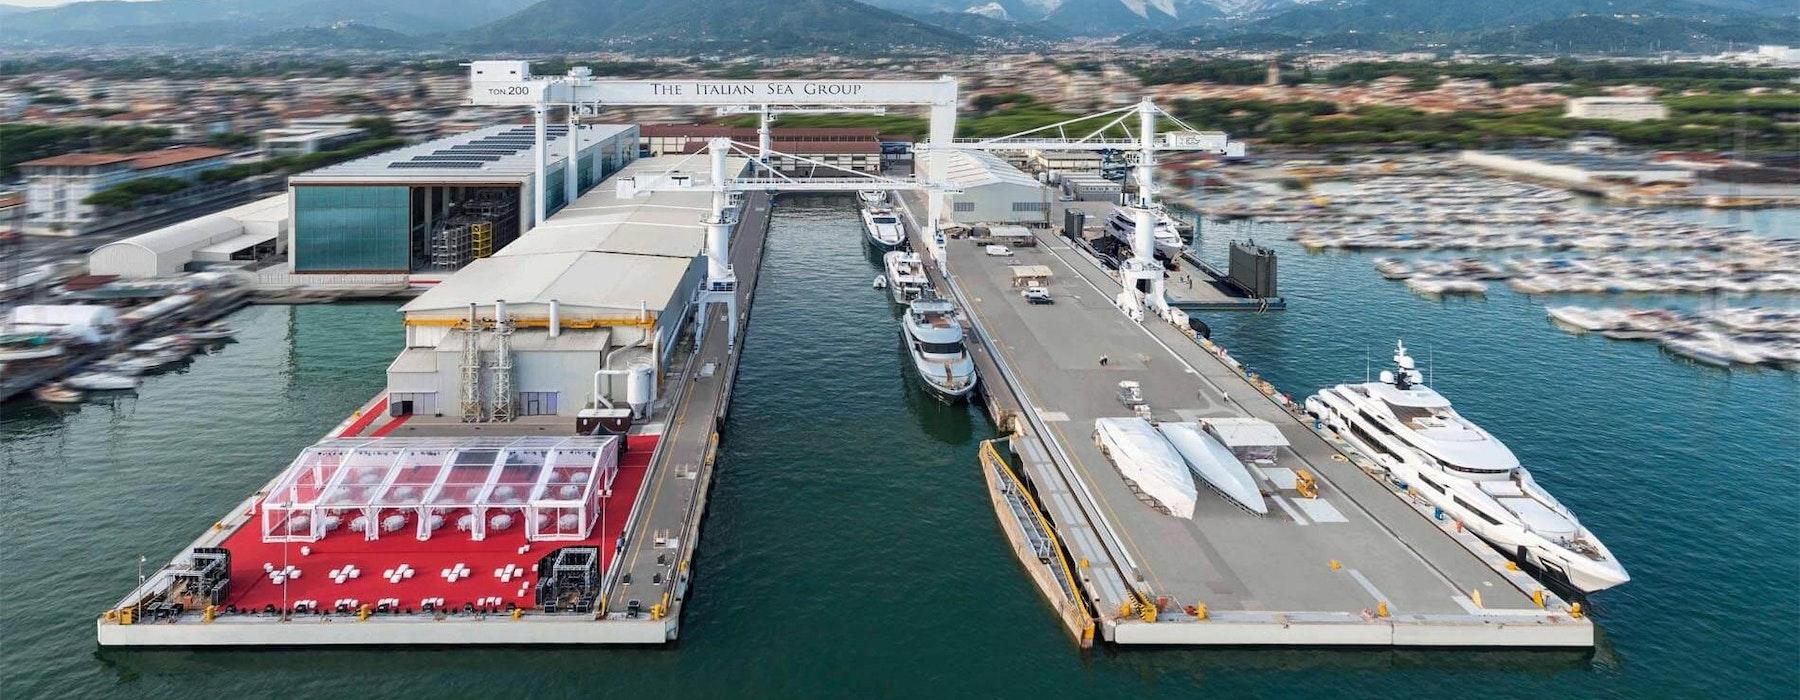 Admiral Yachts Shipyard